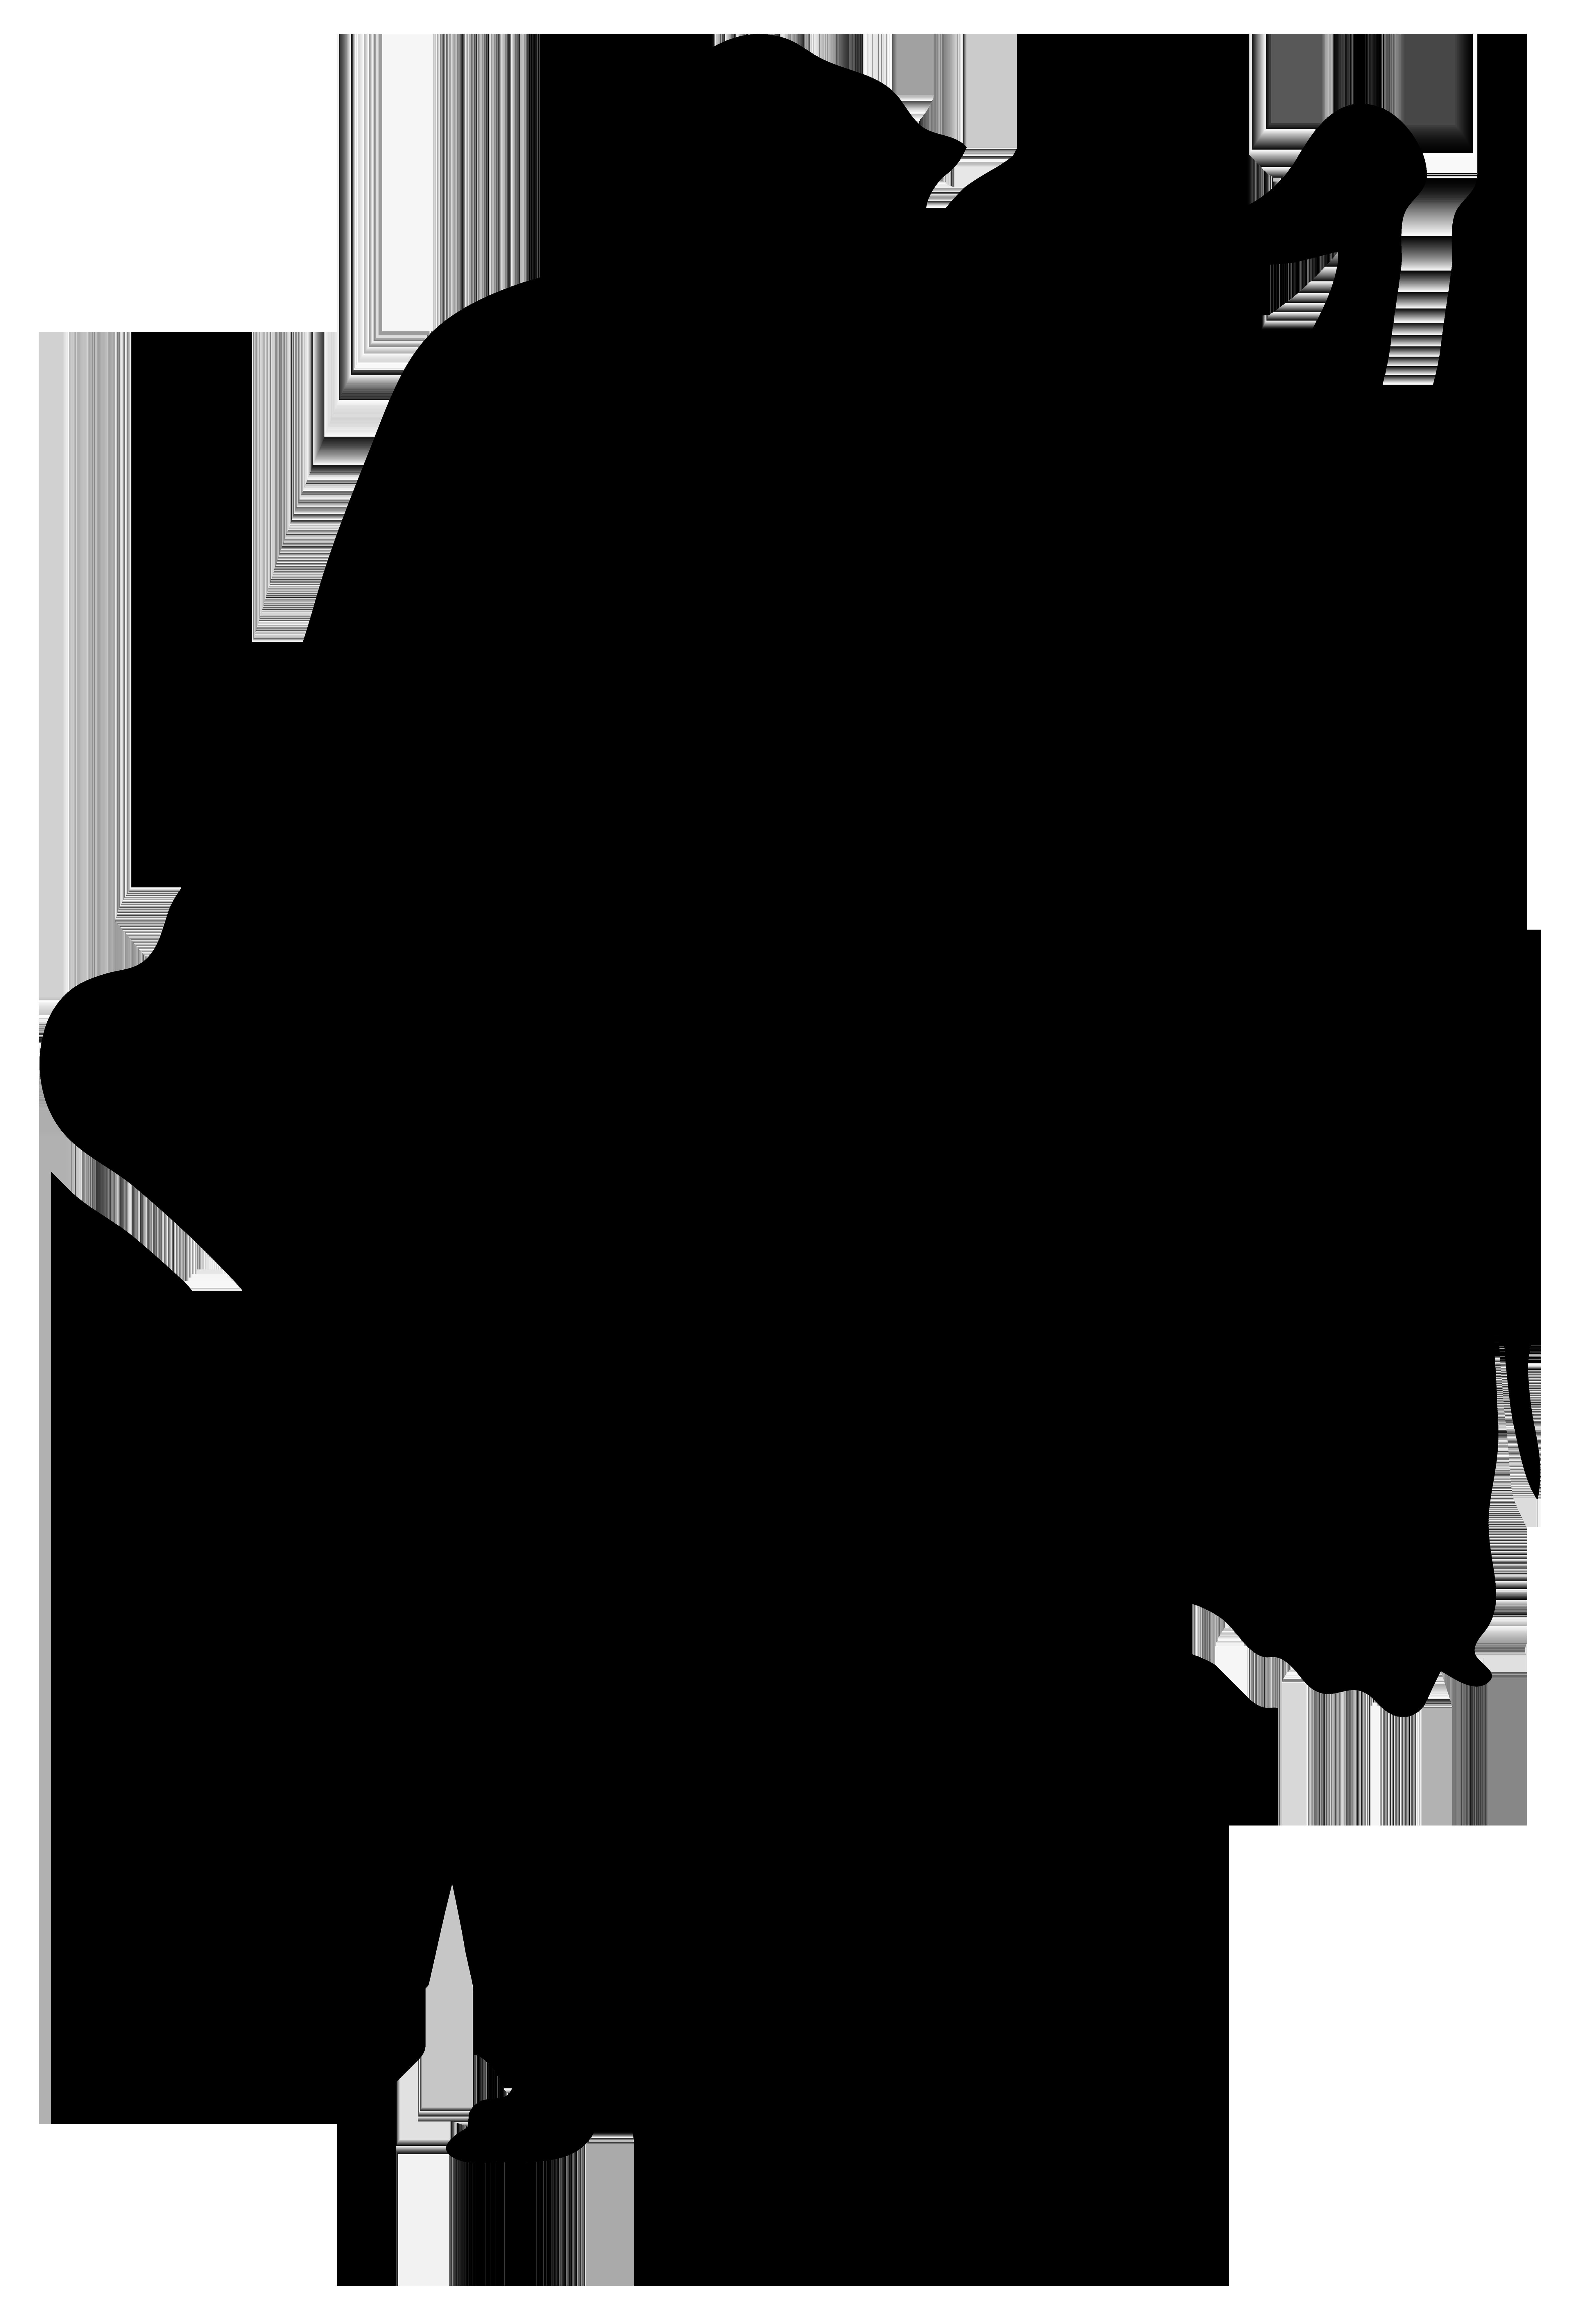 romantic dancers silhouette png transparent clip art image rh pinterest com free clip art romantic symbols romantic clip art free download